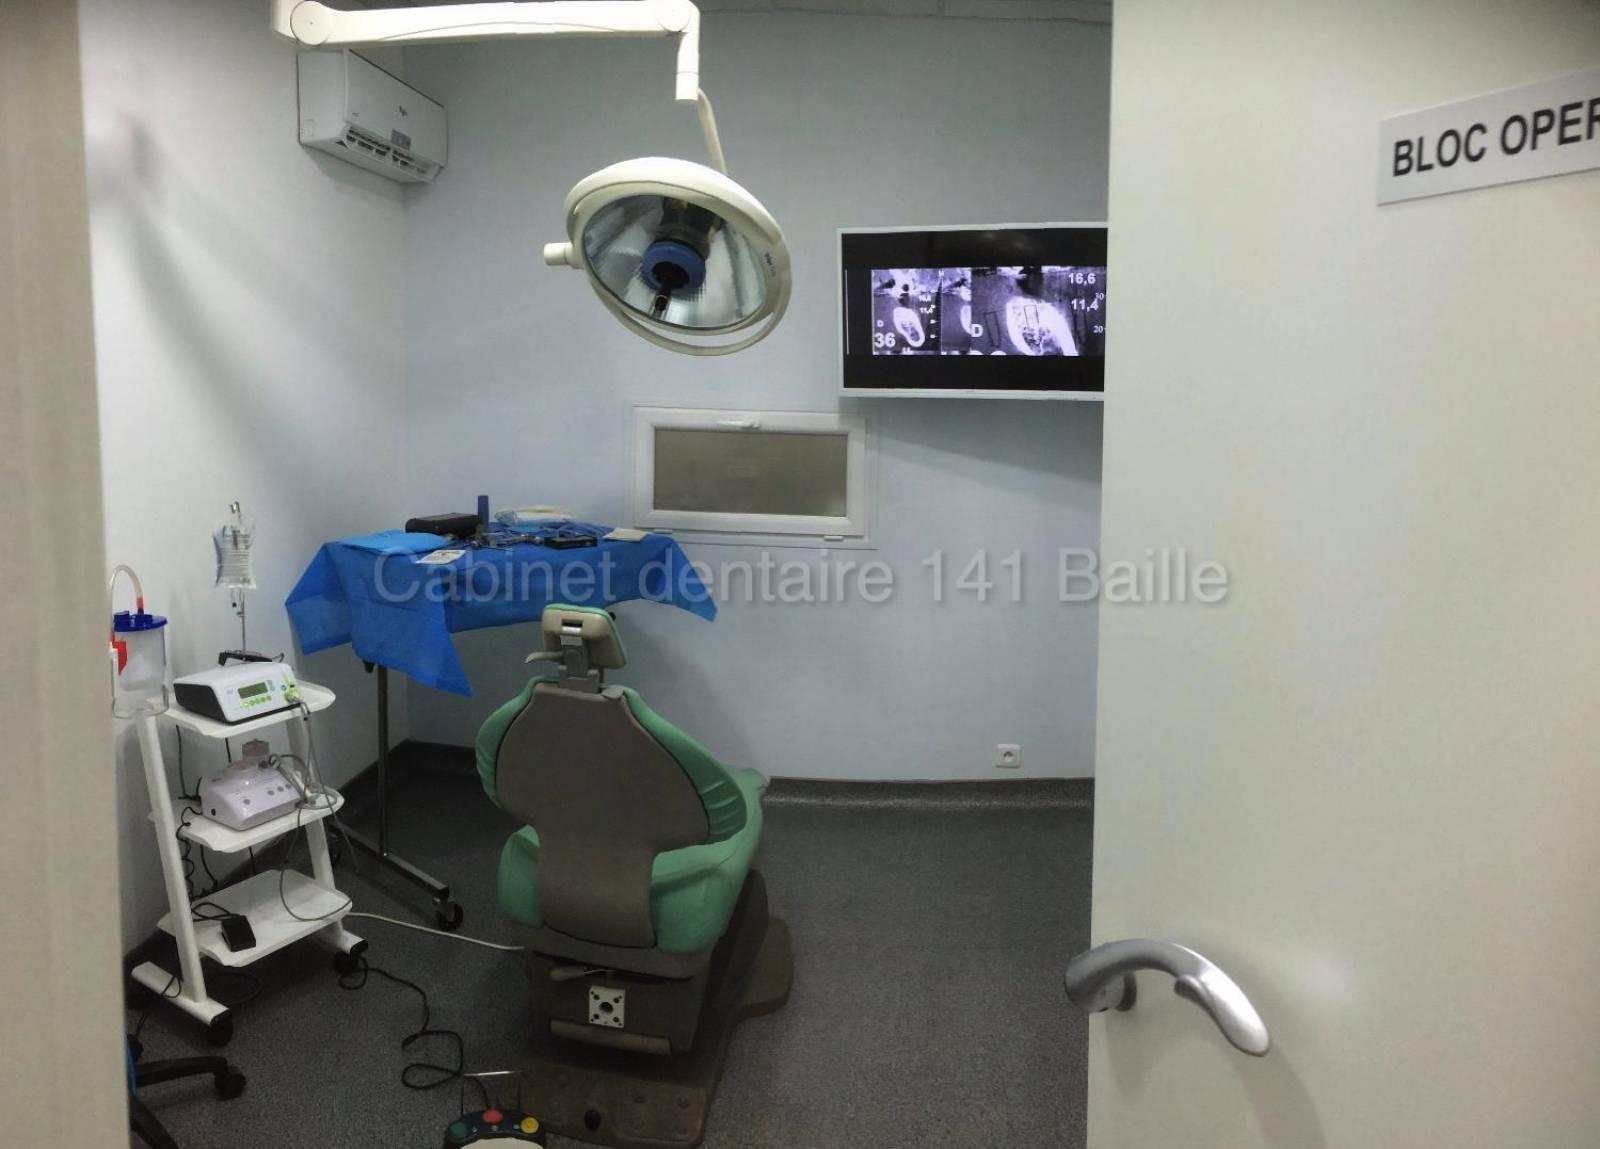 implant dentaire pas cher par sp cialiste en france marseille centre d 39 implantologie dentaire. Black Bedroom Furniture Sets. Home Design Ideas